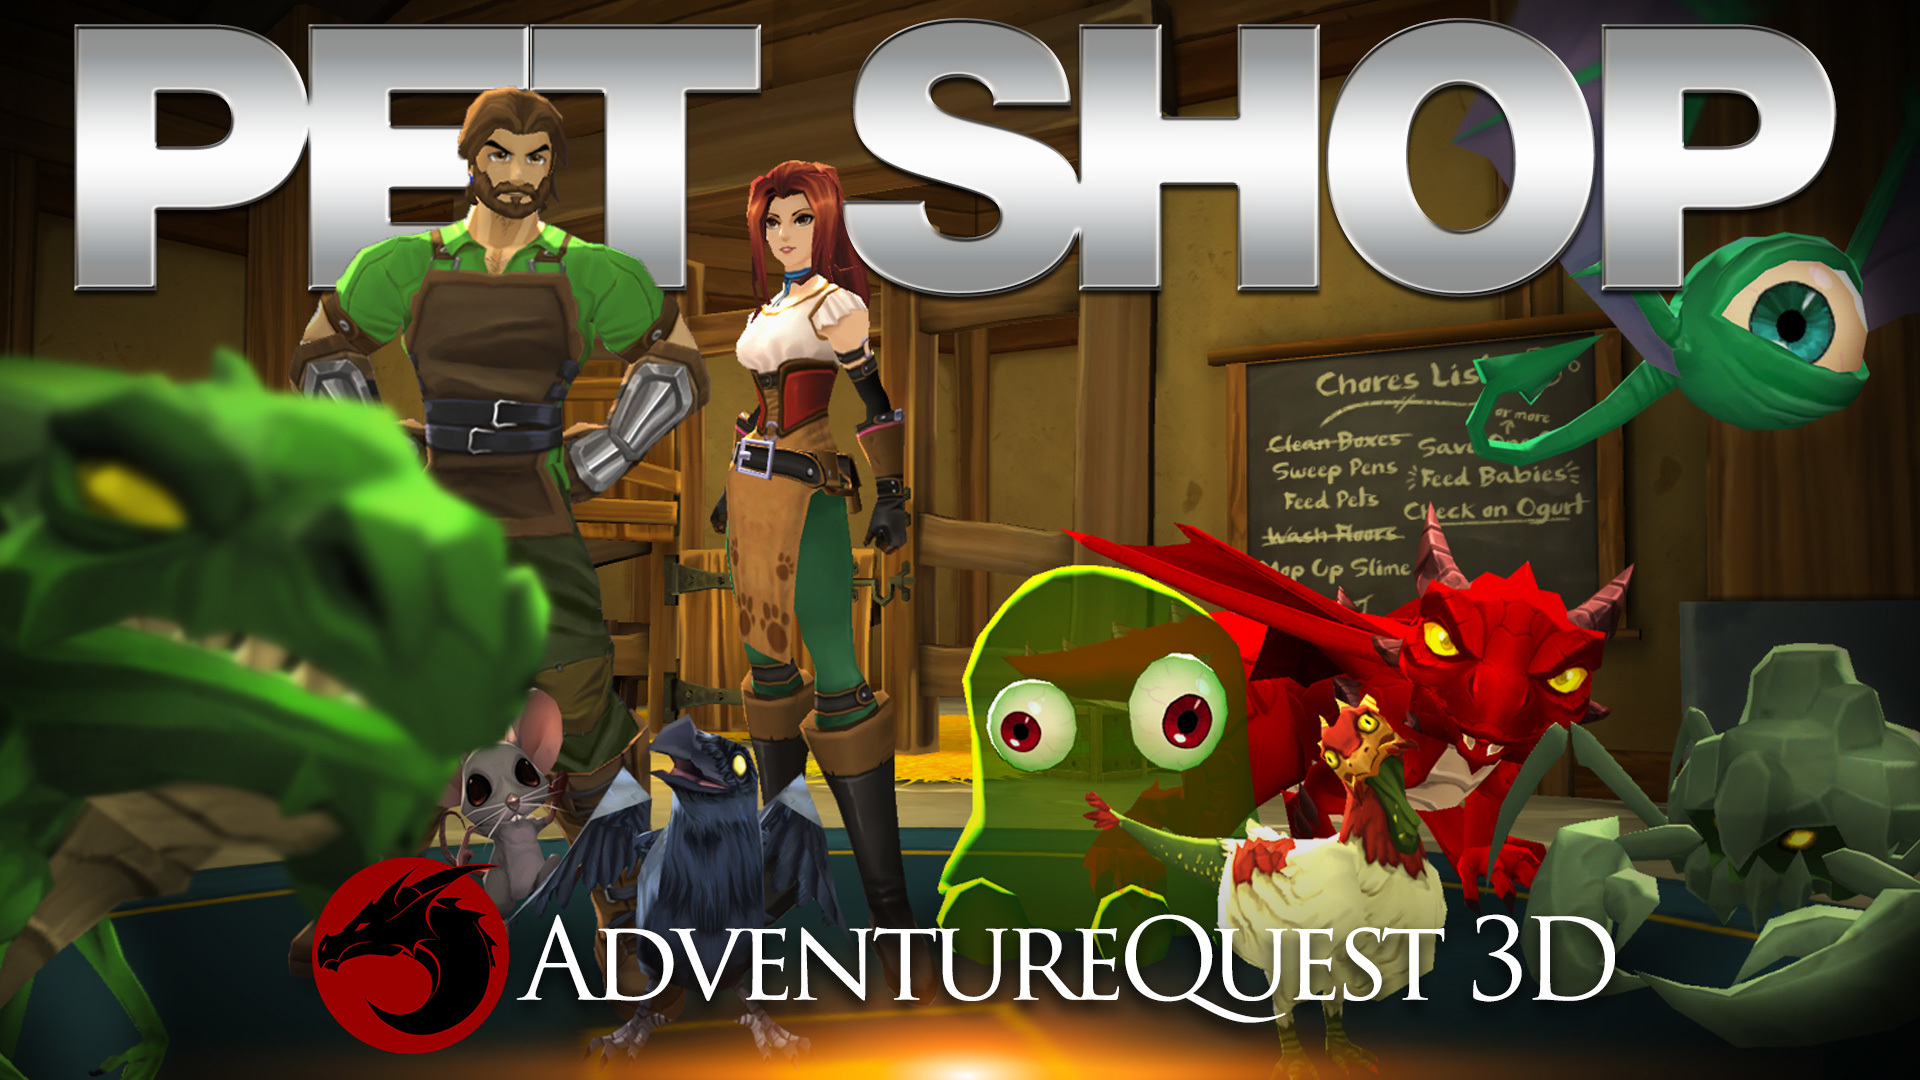 AdventureQuest 3D :: Aria's Pet Shop is Live! 30 pets